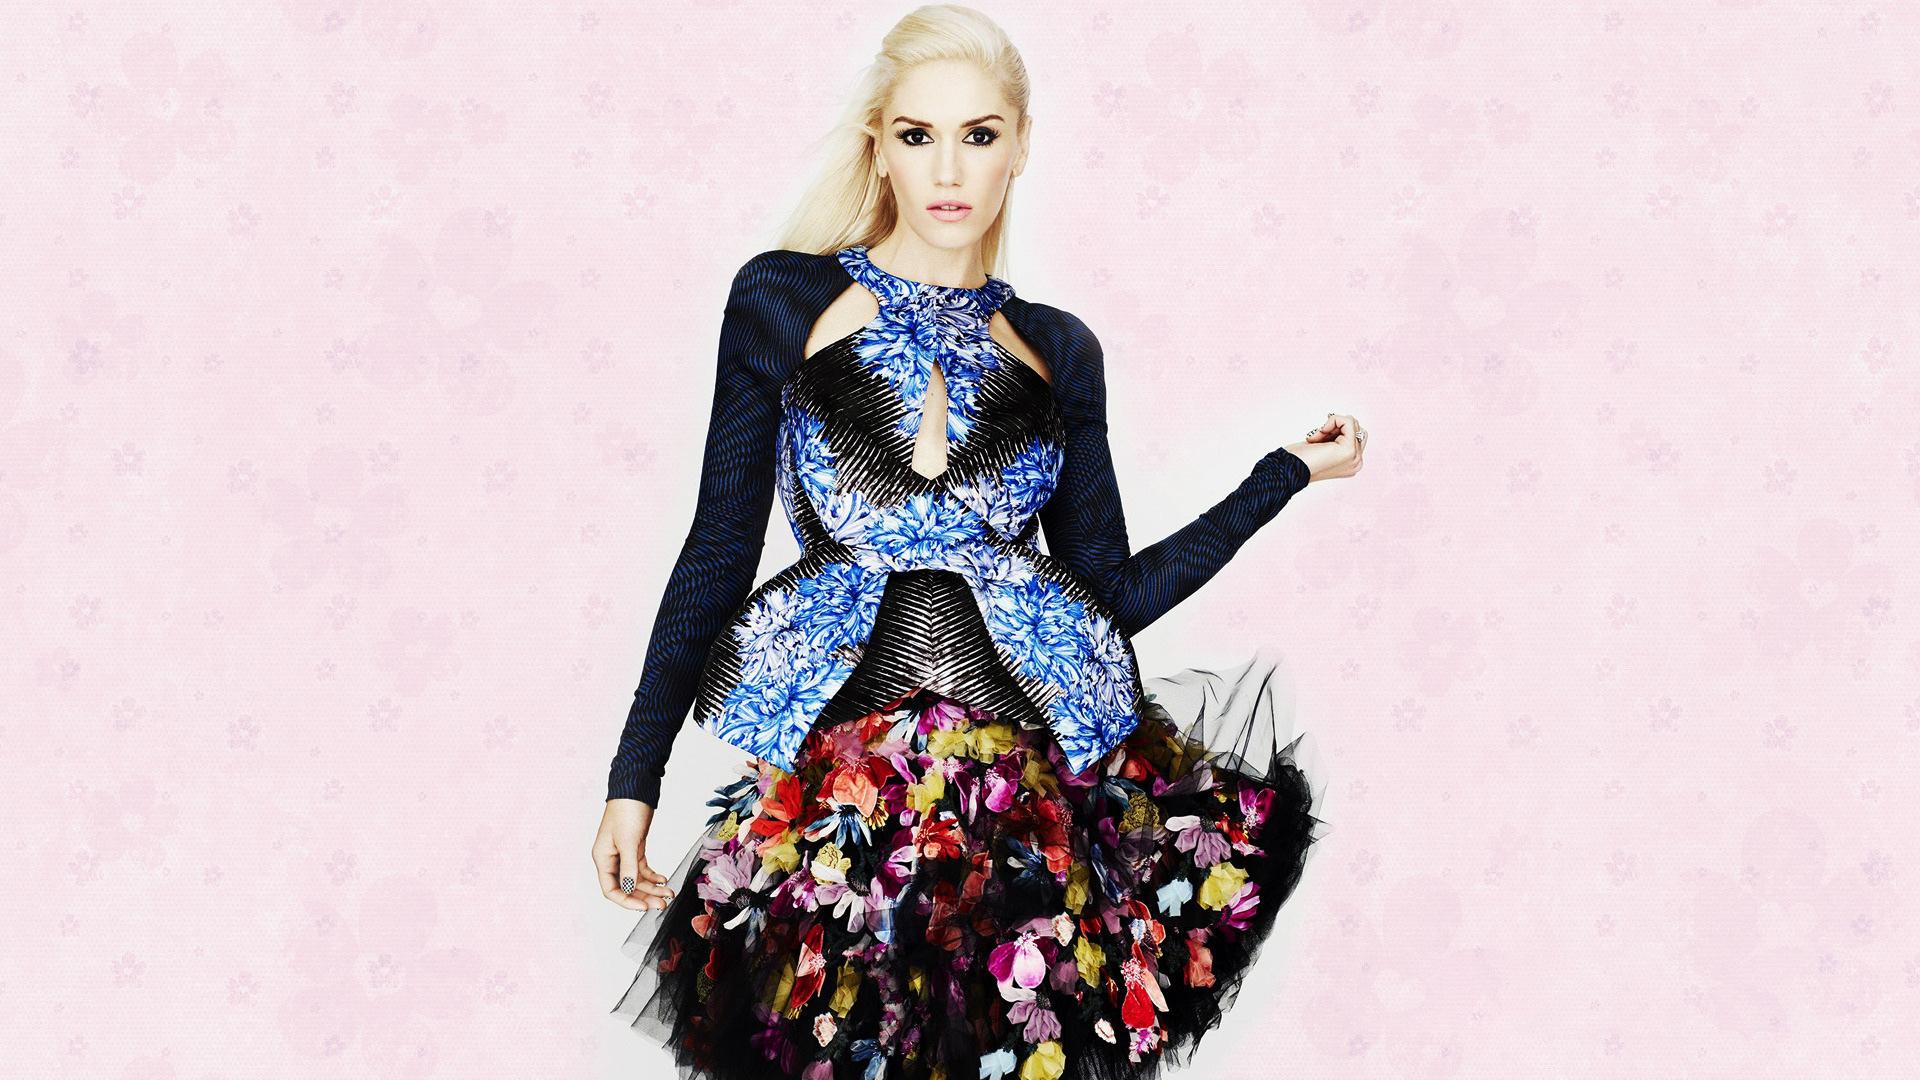 Gwen Stefani Uhd Wallpaper